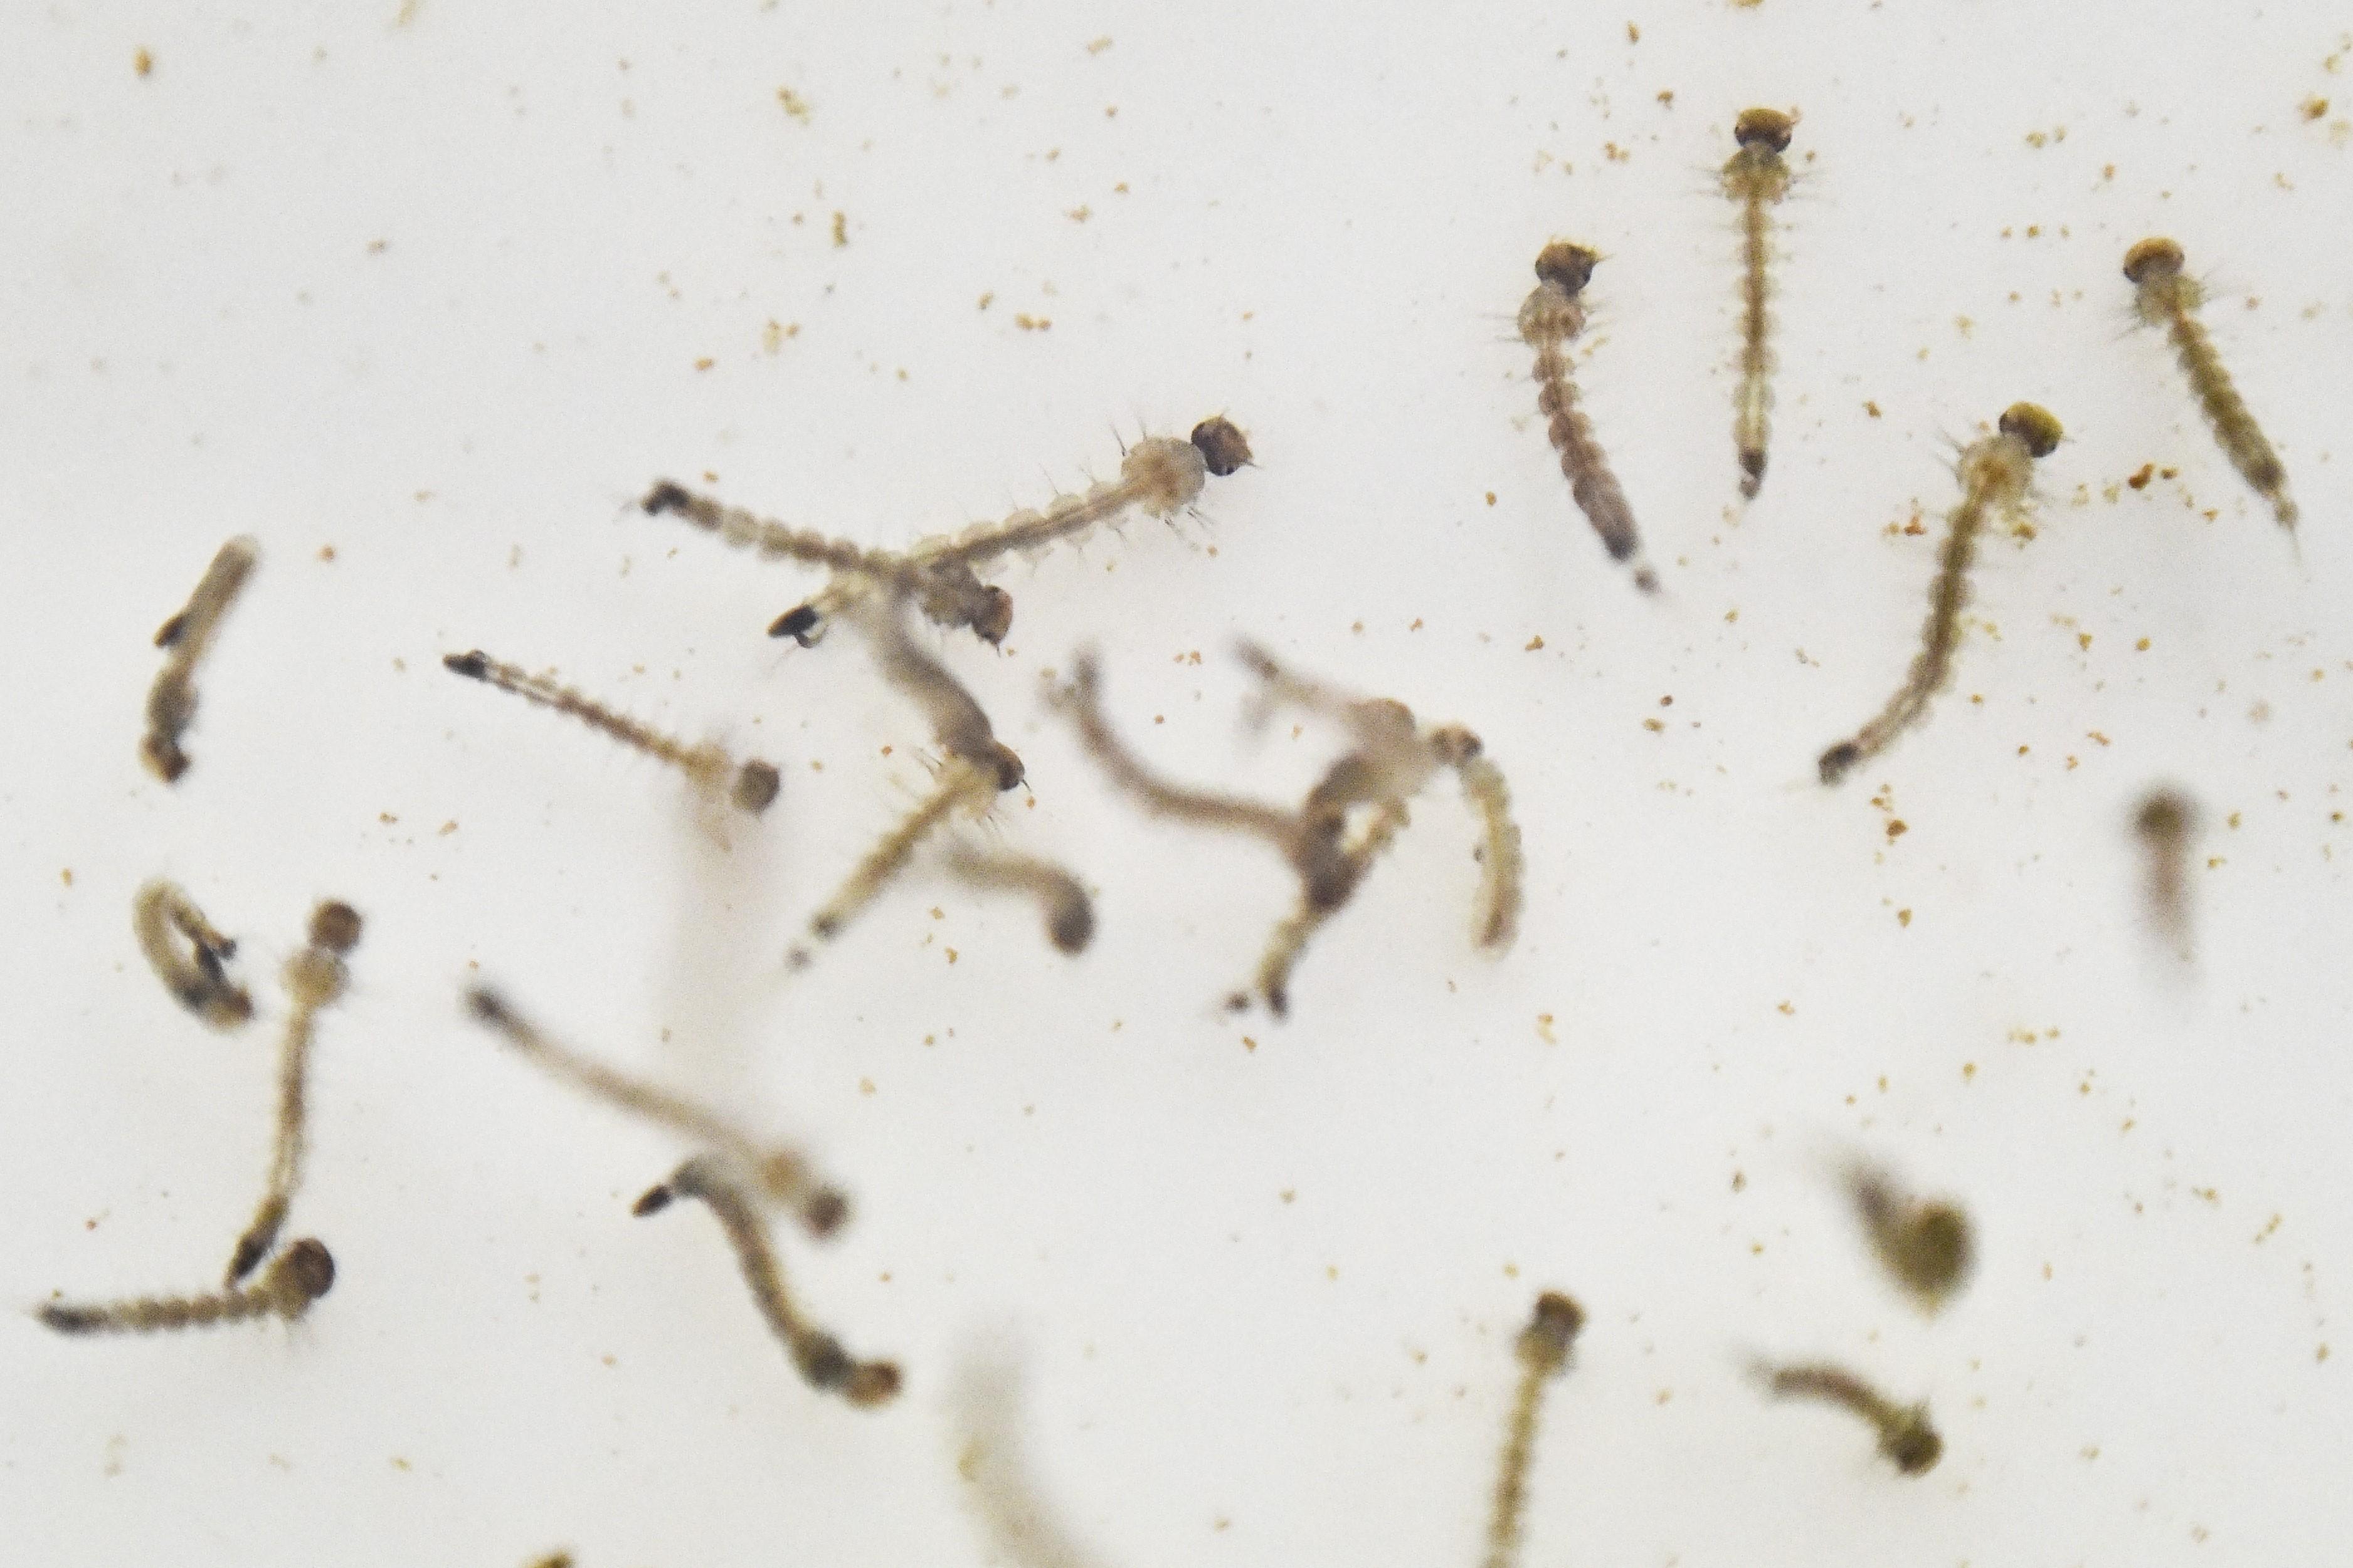 Most már nyálban és vizeletben is kimutatták a zikavírust